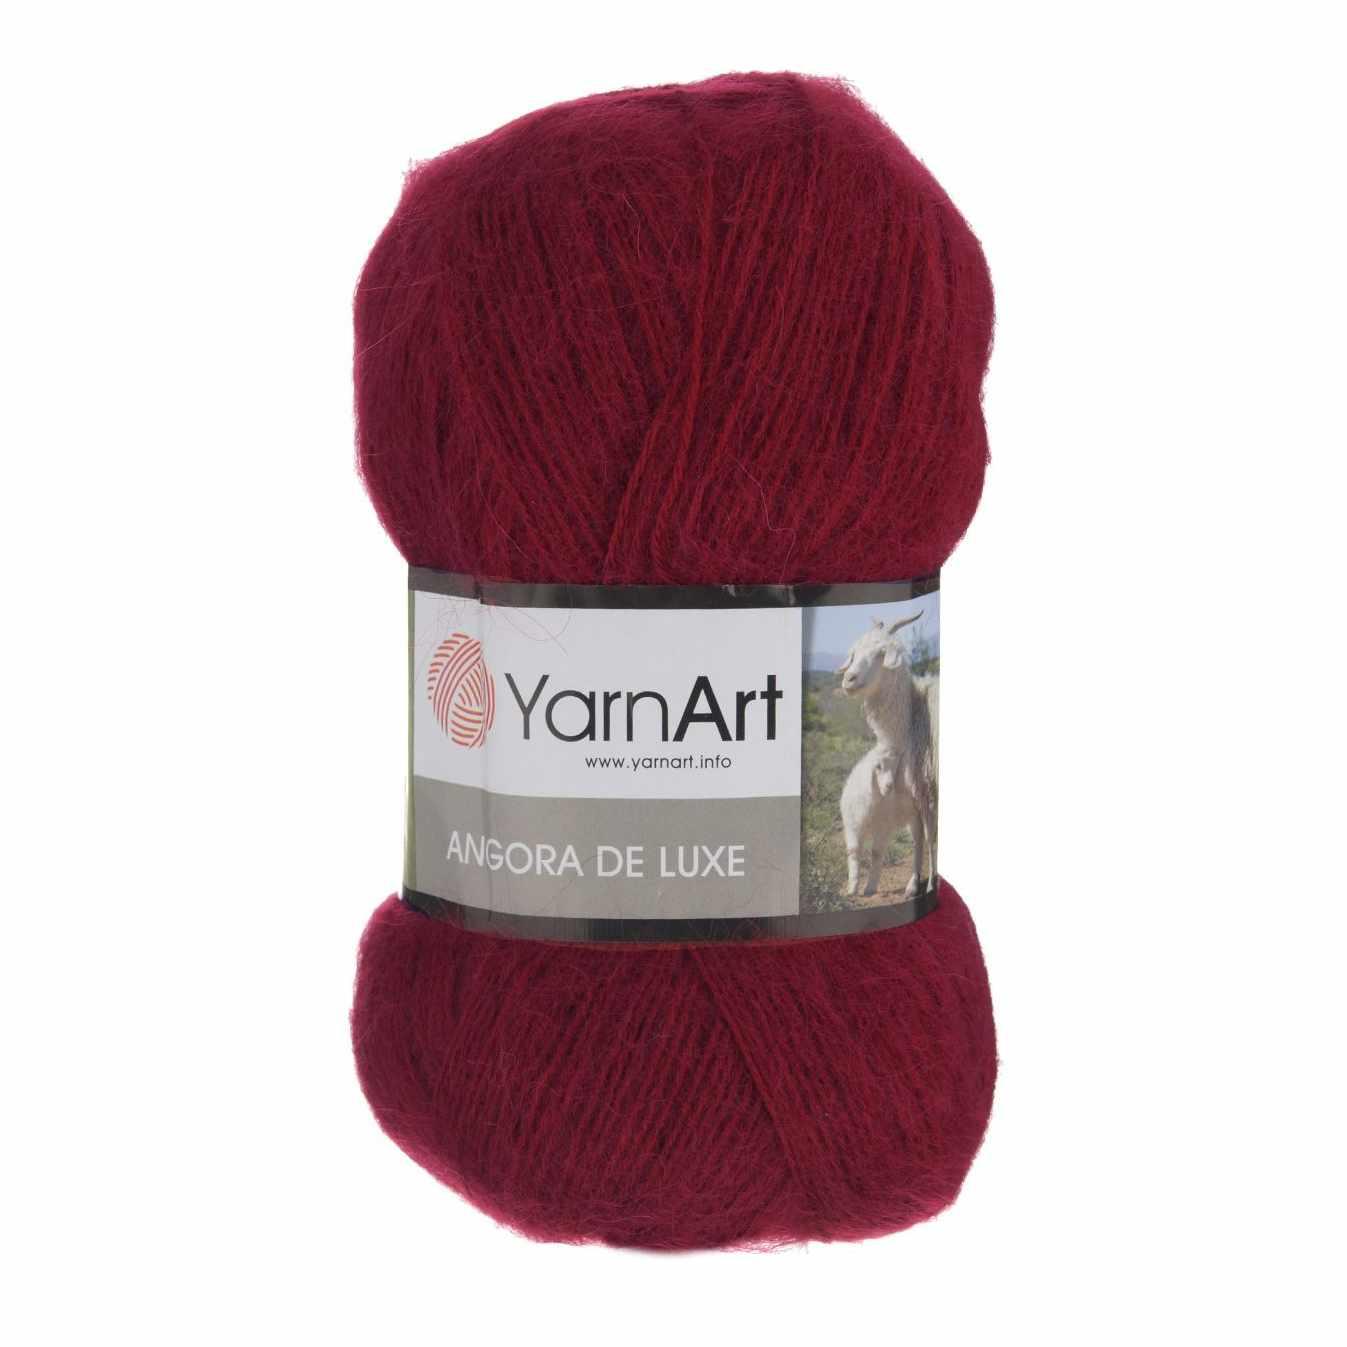 Пряжа YarnArt Angora De Luxe Цвет.3024 Клюква